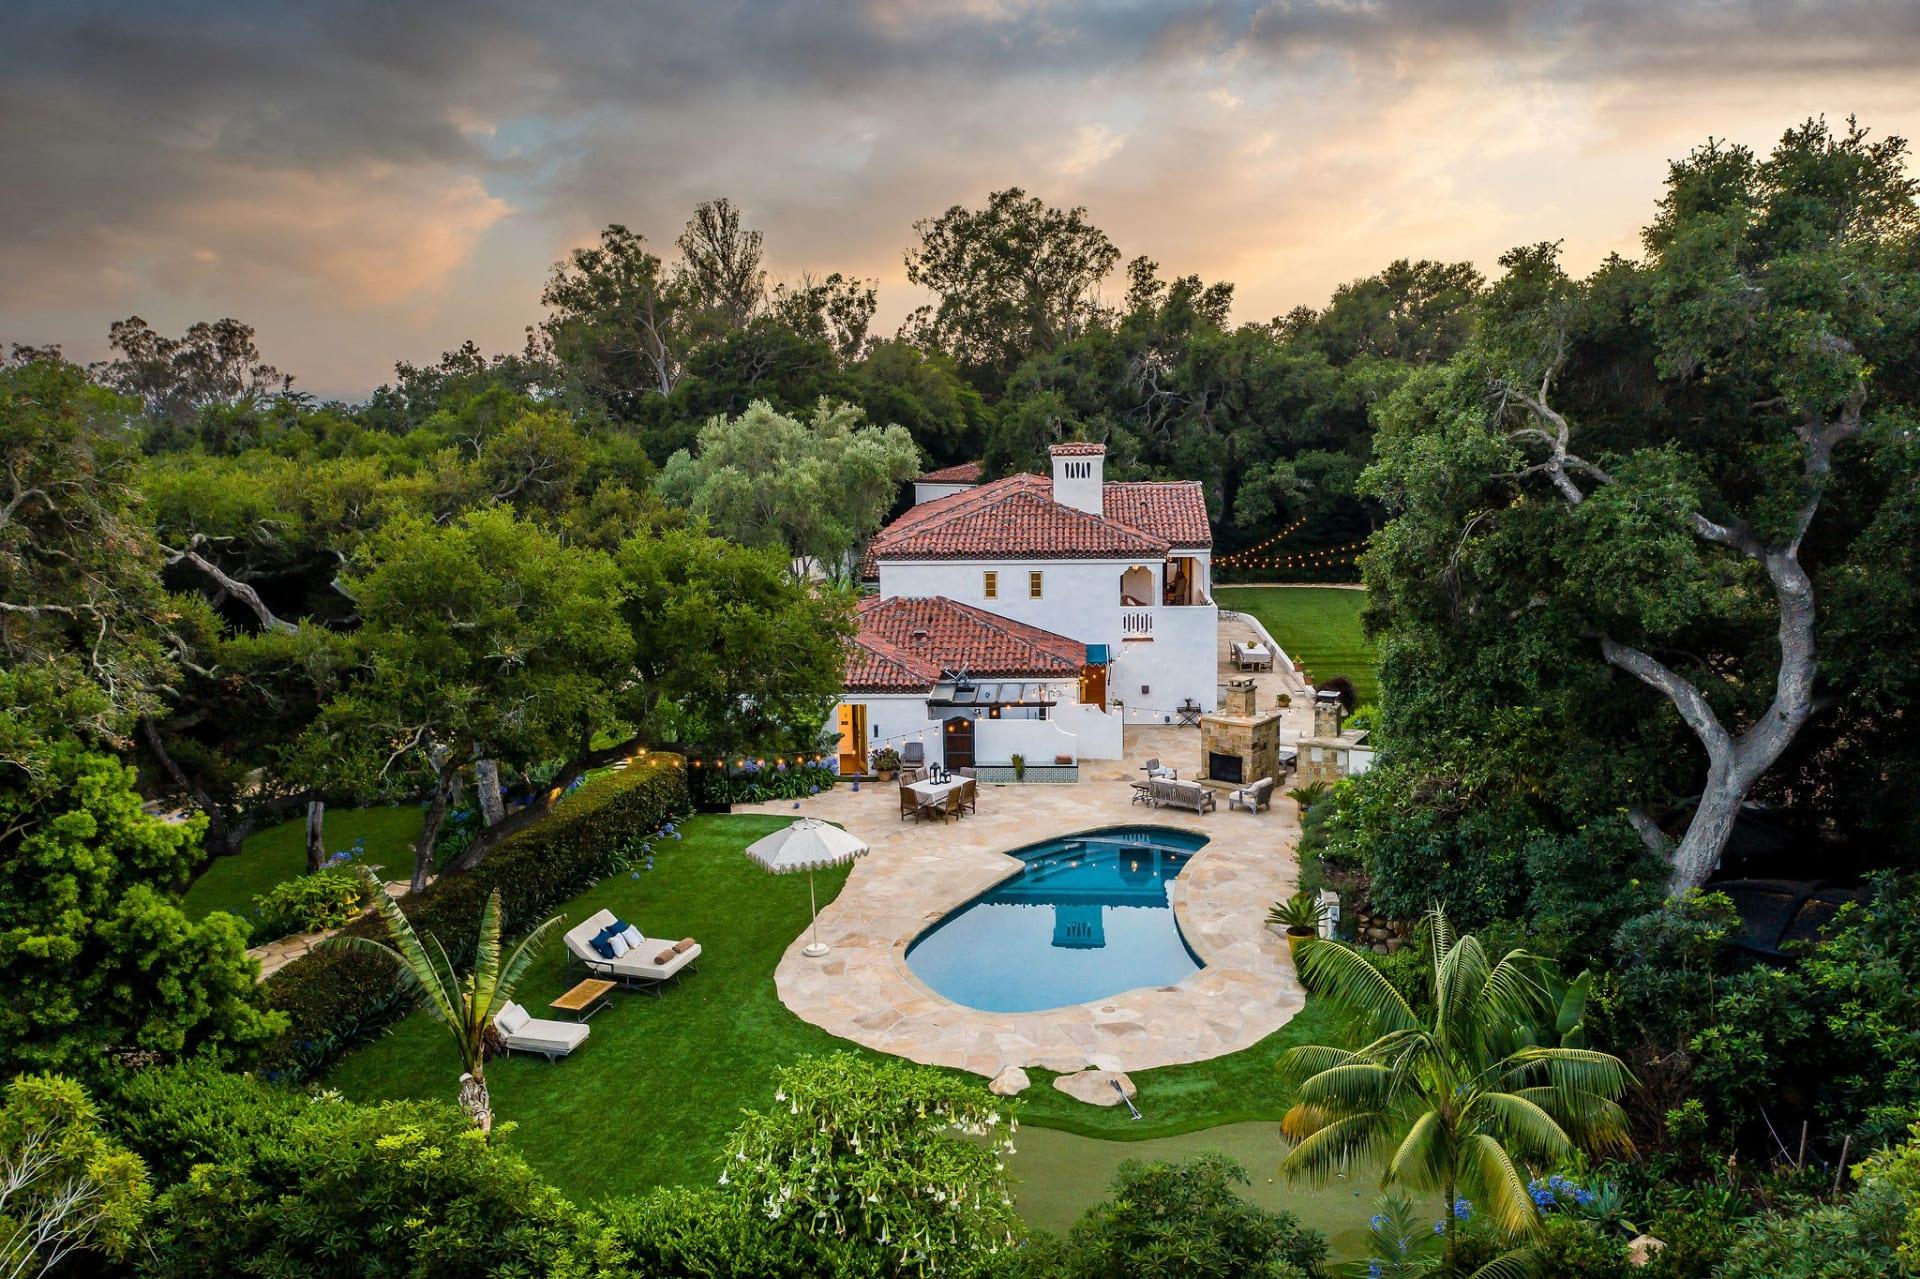 Montecito Real Estate: No Lack of Demand